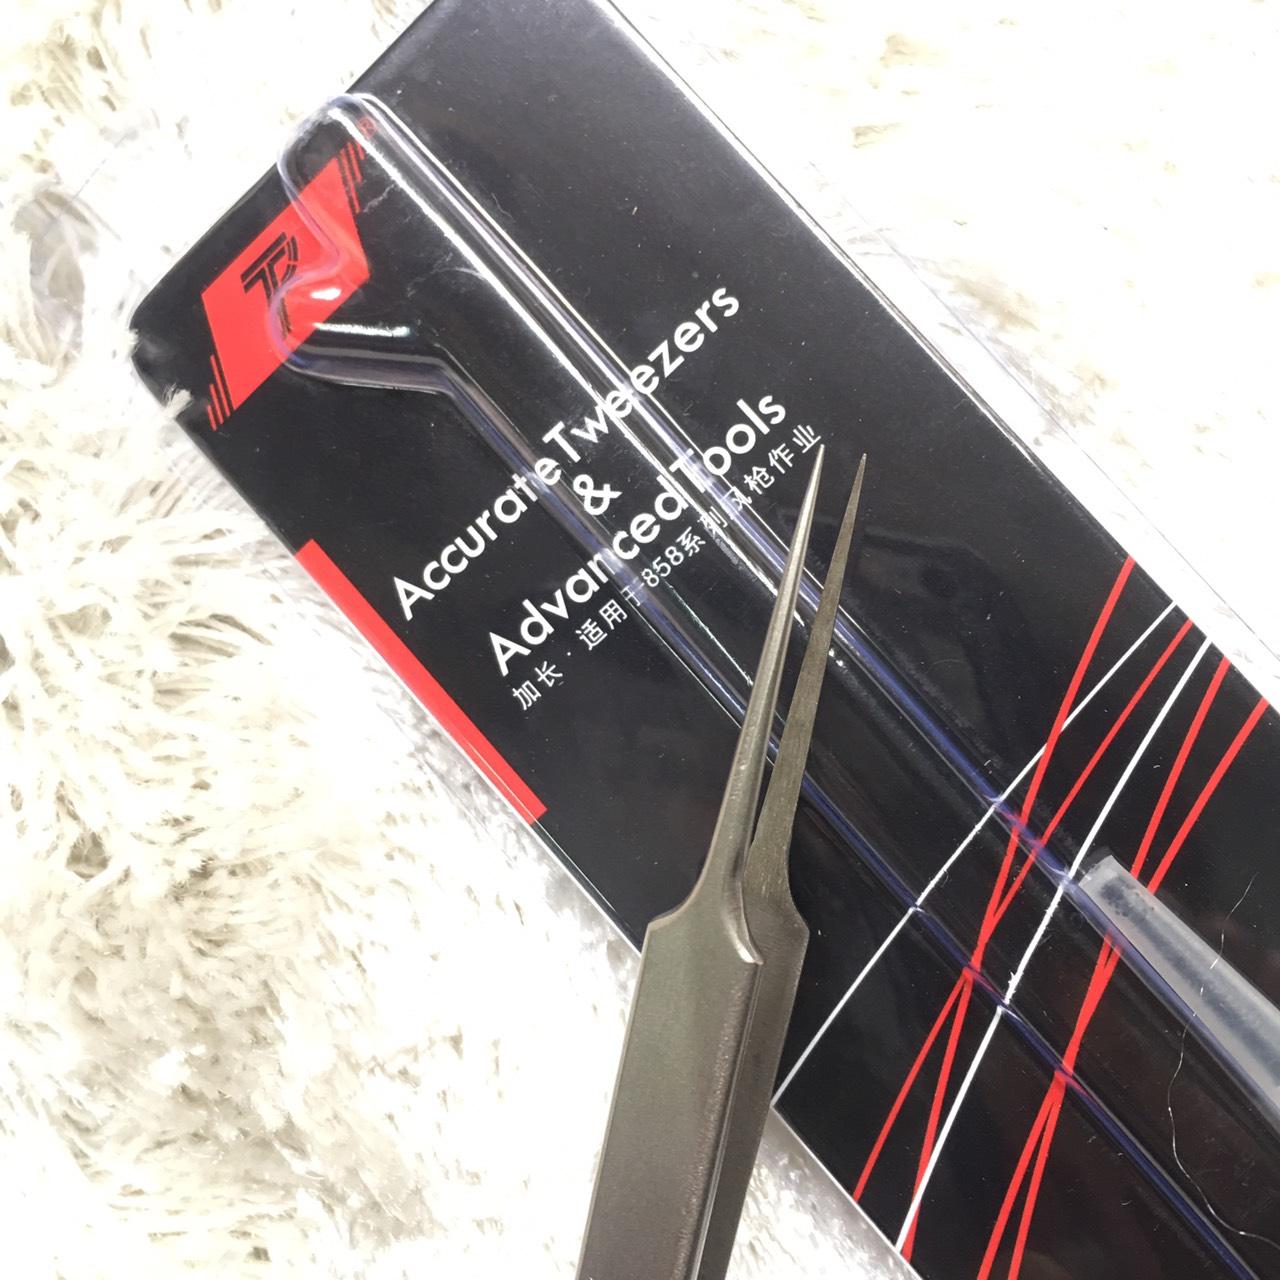 Combo 2 nhíp đầu dài (1 cong và 1 thẳng)